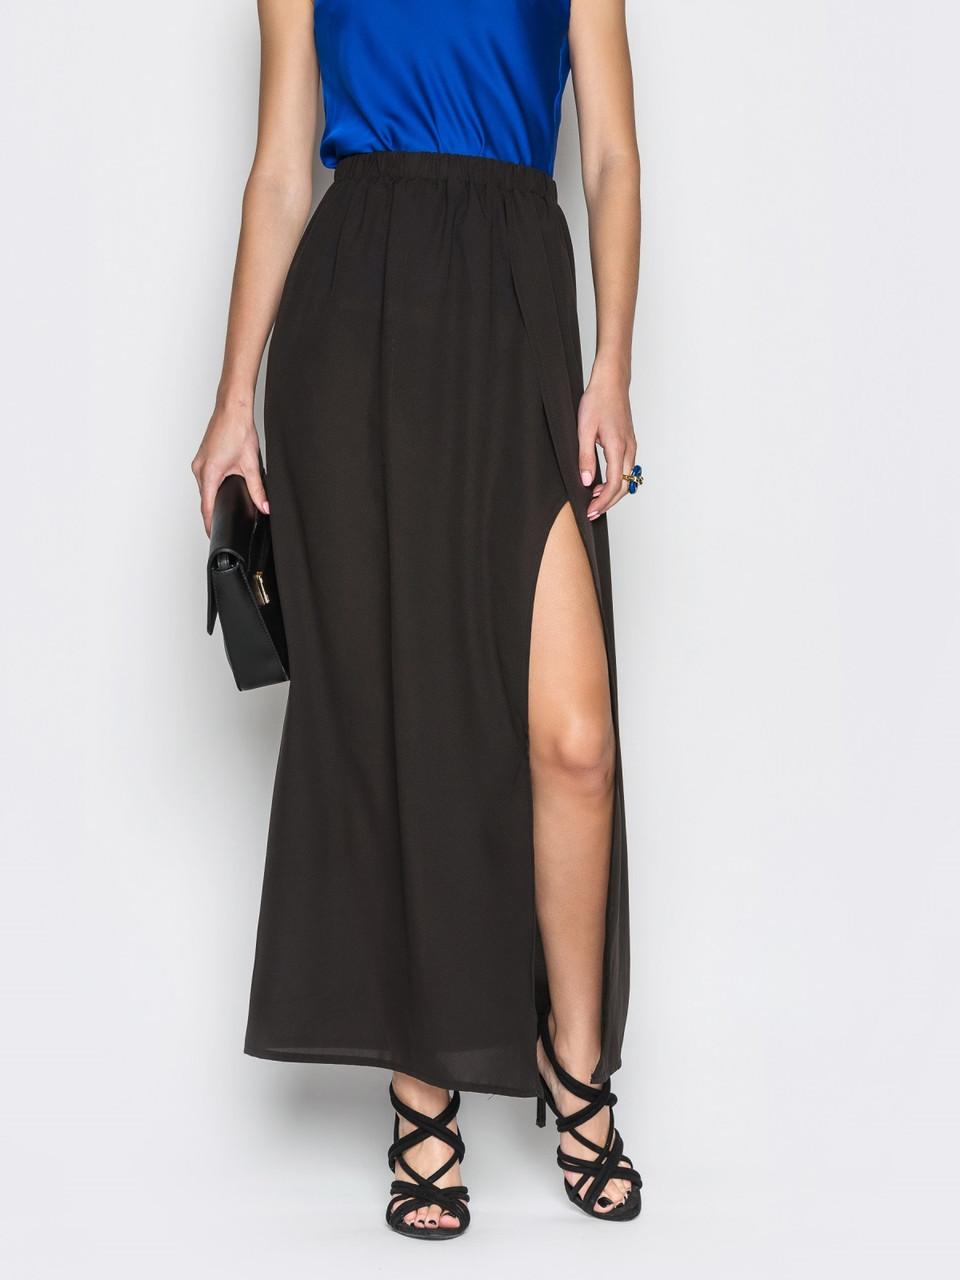 a969c4f3a04 👶Черная шифоновая длинная юбка с запахом (с поясом на резинке)   Размер 44